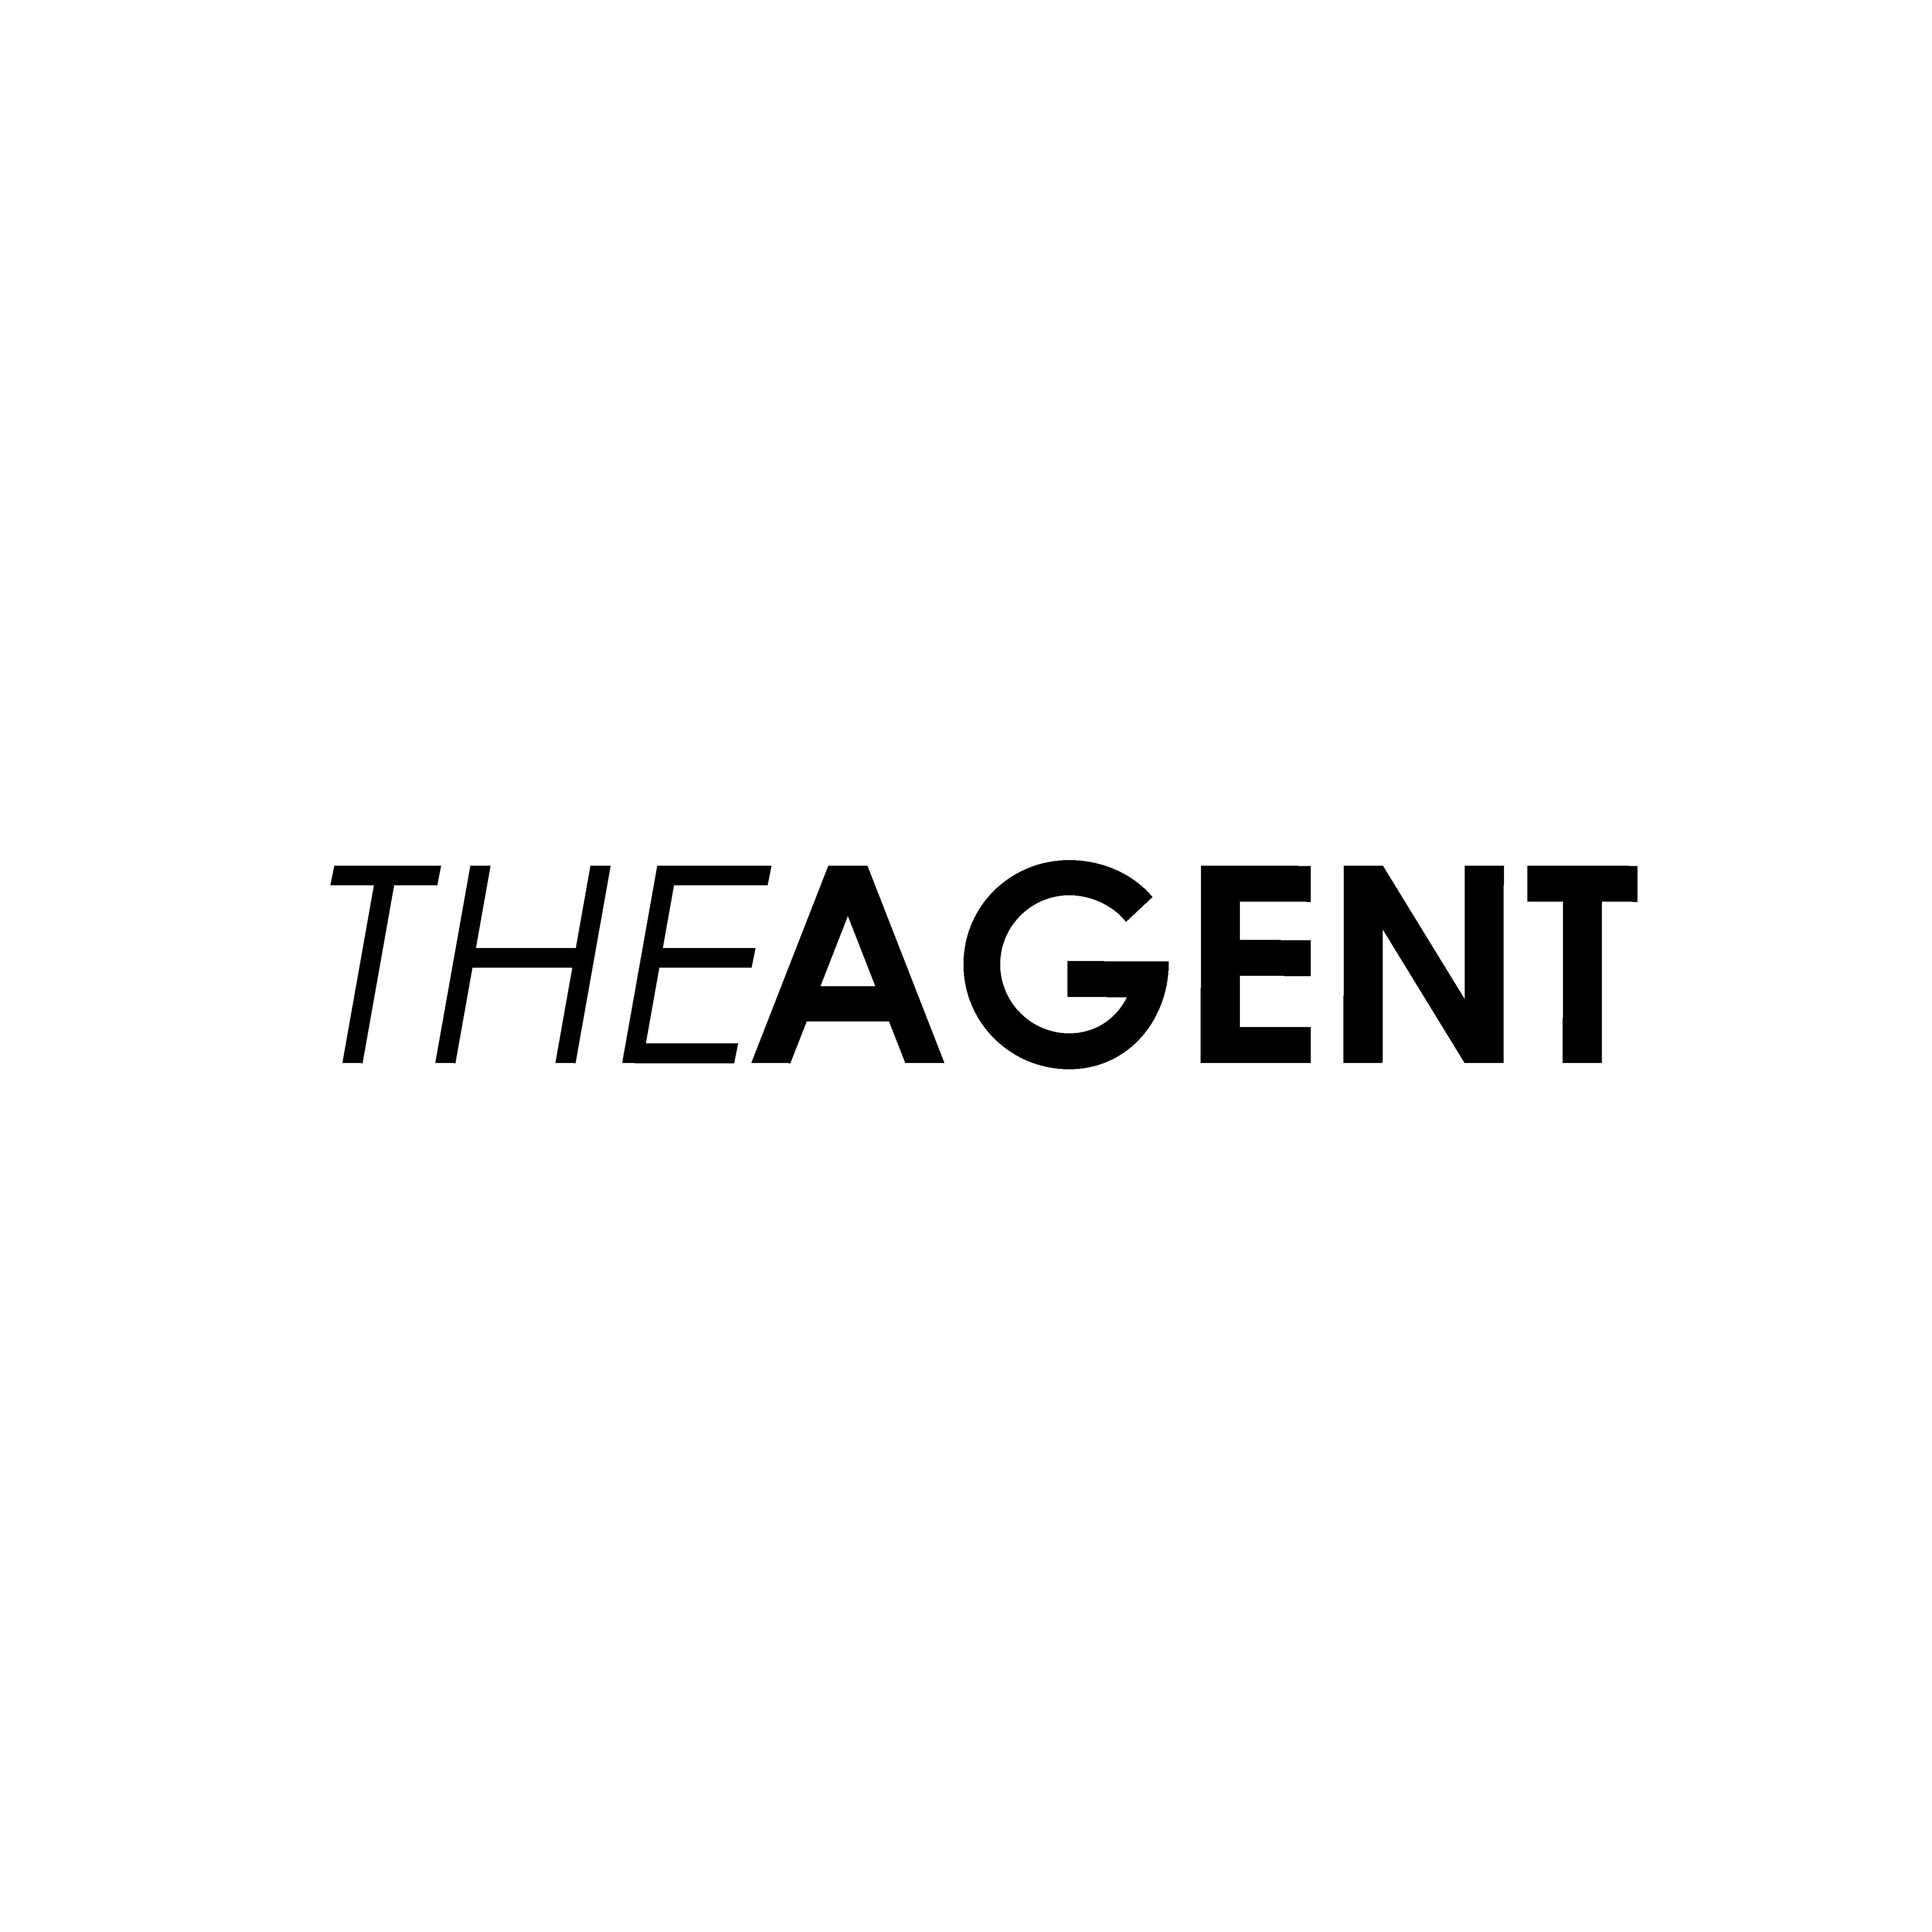 TheAgent - Succès client Mode & Cosmétiques